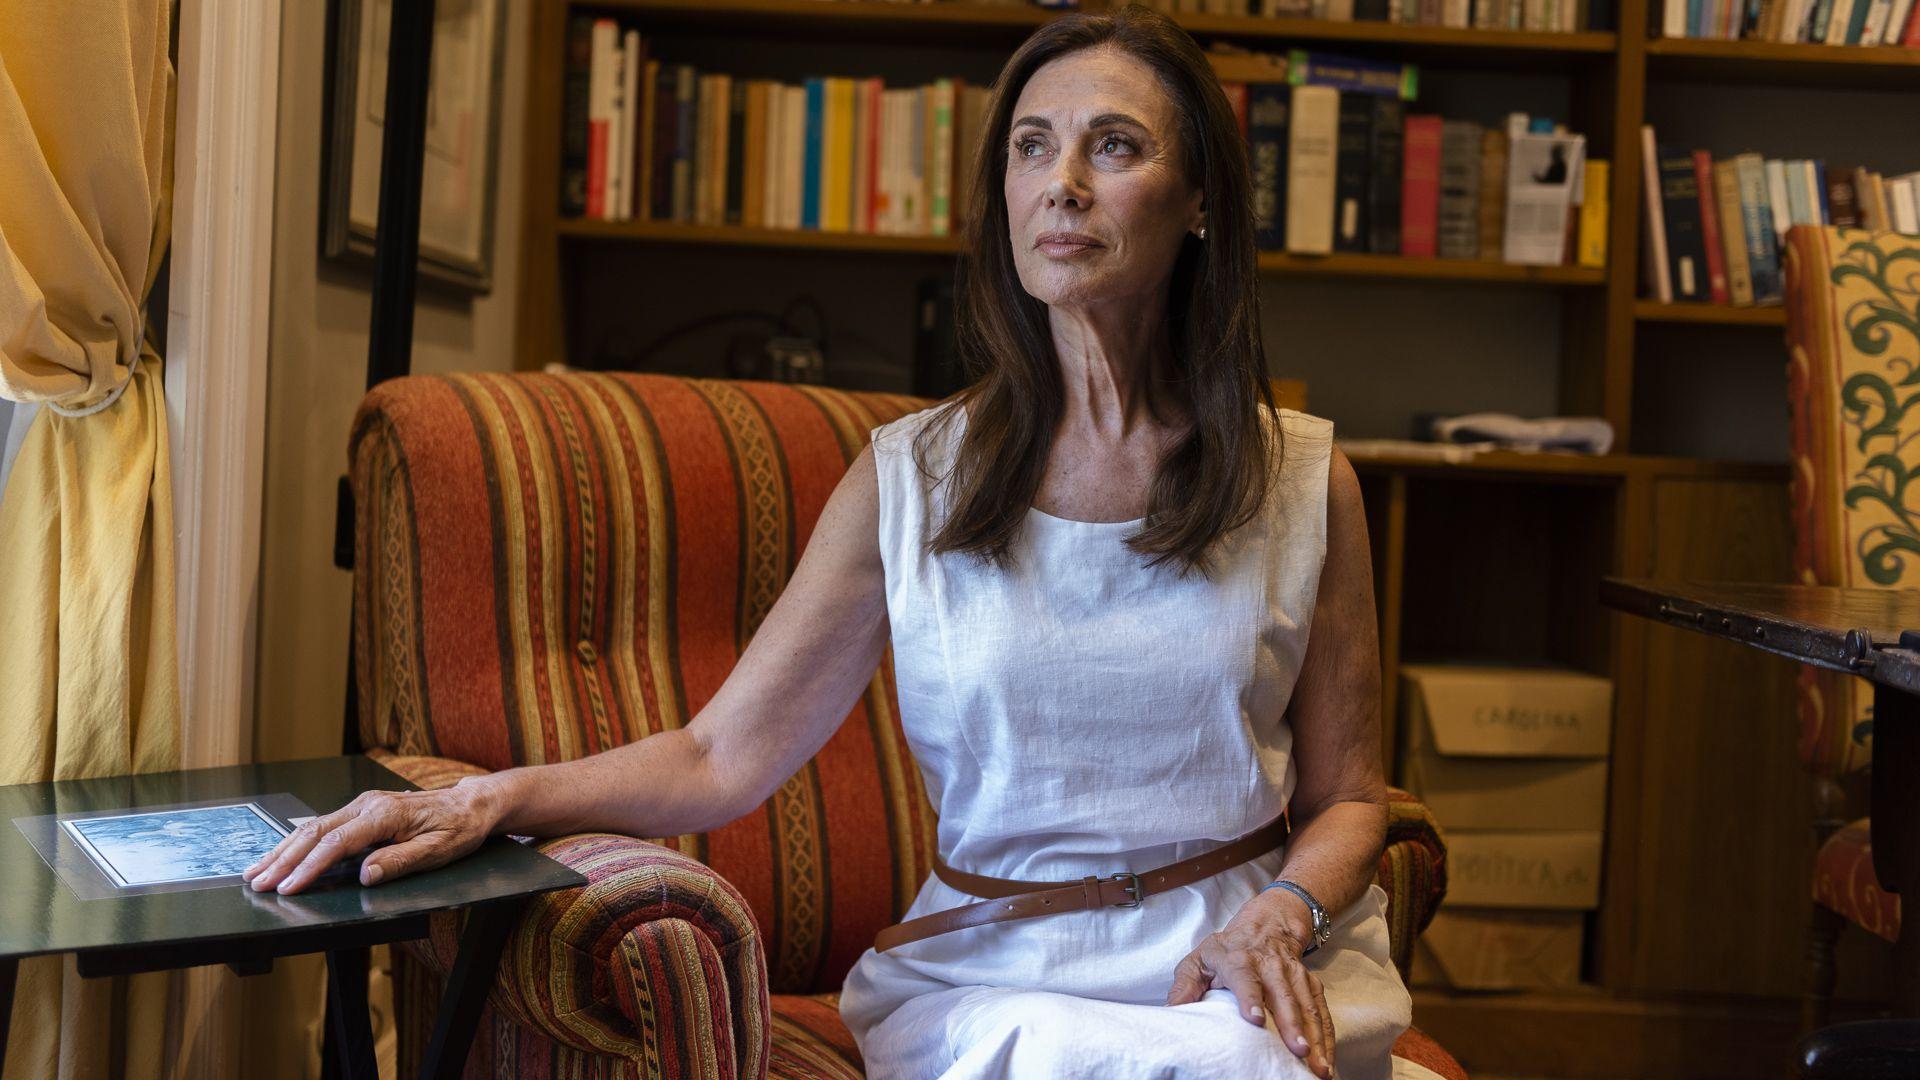 Tamara Chichilnisky de Di Tella nació en Buenos Aires en 1948 e hizo sus estudios en ciencia política en la Universidad de Stanford, Estados Unidos, y en la London School of Economics, en Inglaterra